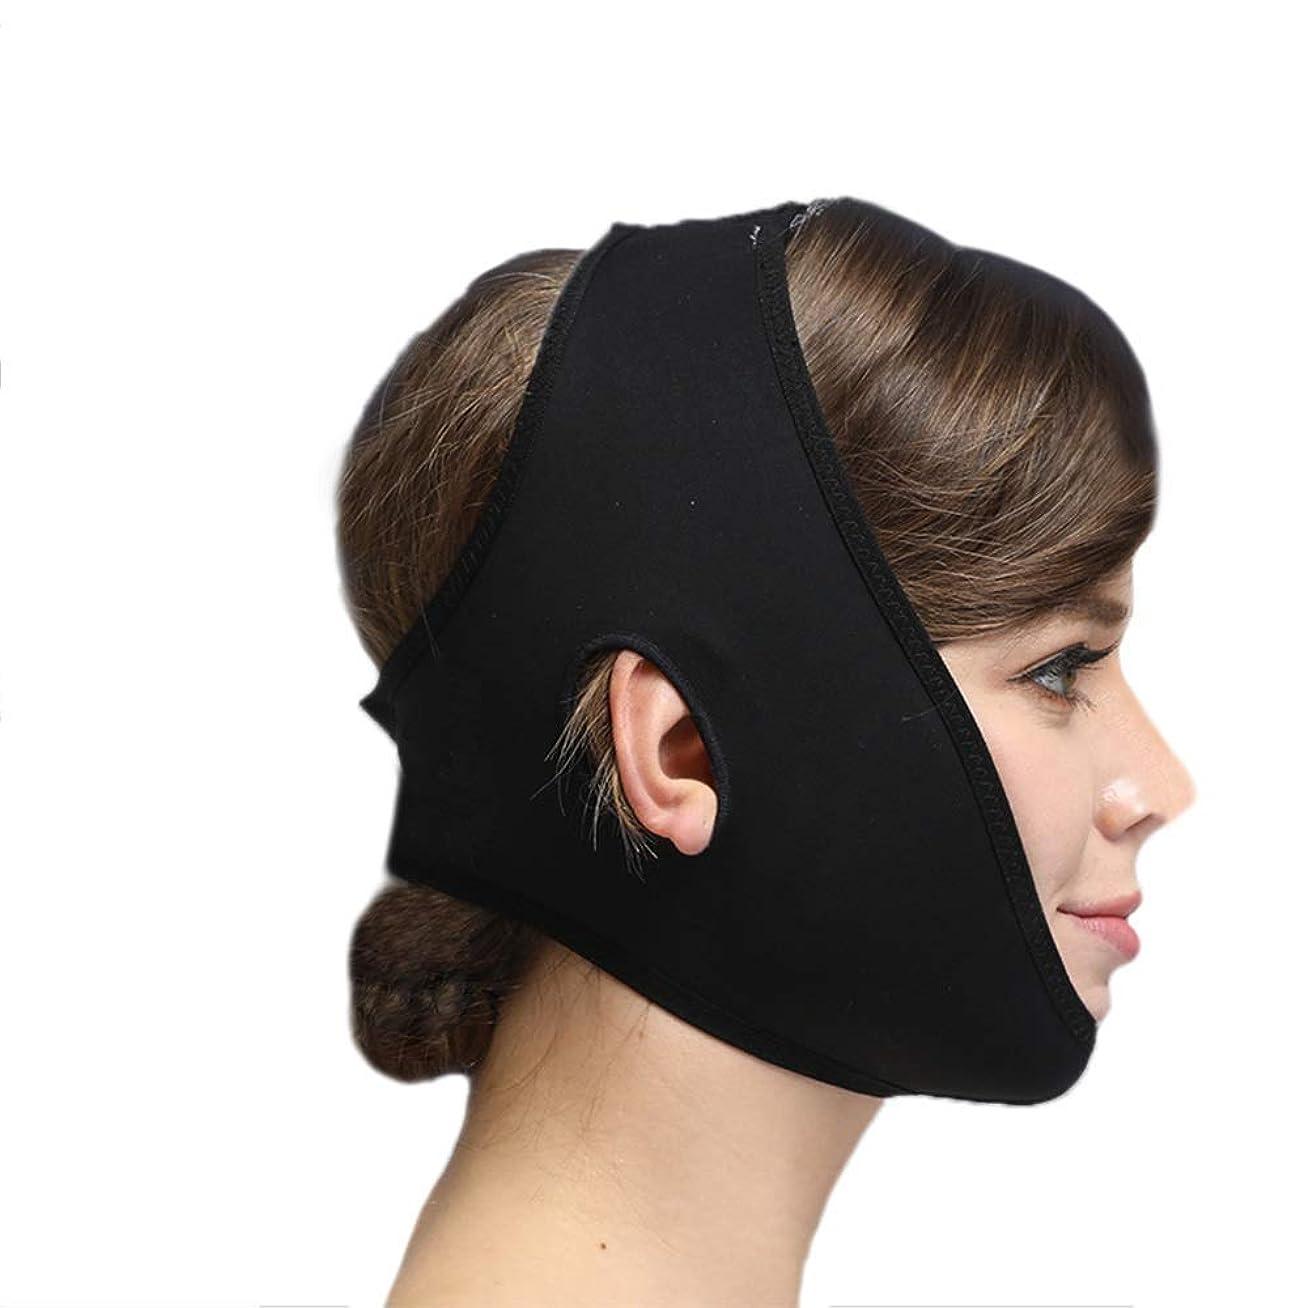 リップハング給料フェイススリミングマスク、快適さと通気性、フェイシャルリフティング、輪郭の改善された硬さ、ファーミングとリフティングフェイス(カラー:ブラック、サイズ:XL),ブラック2、M